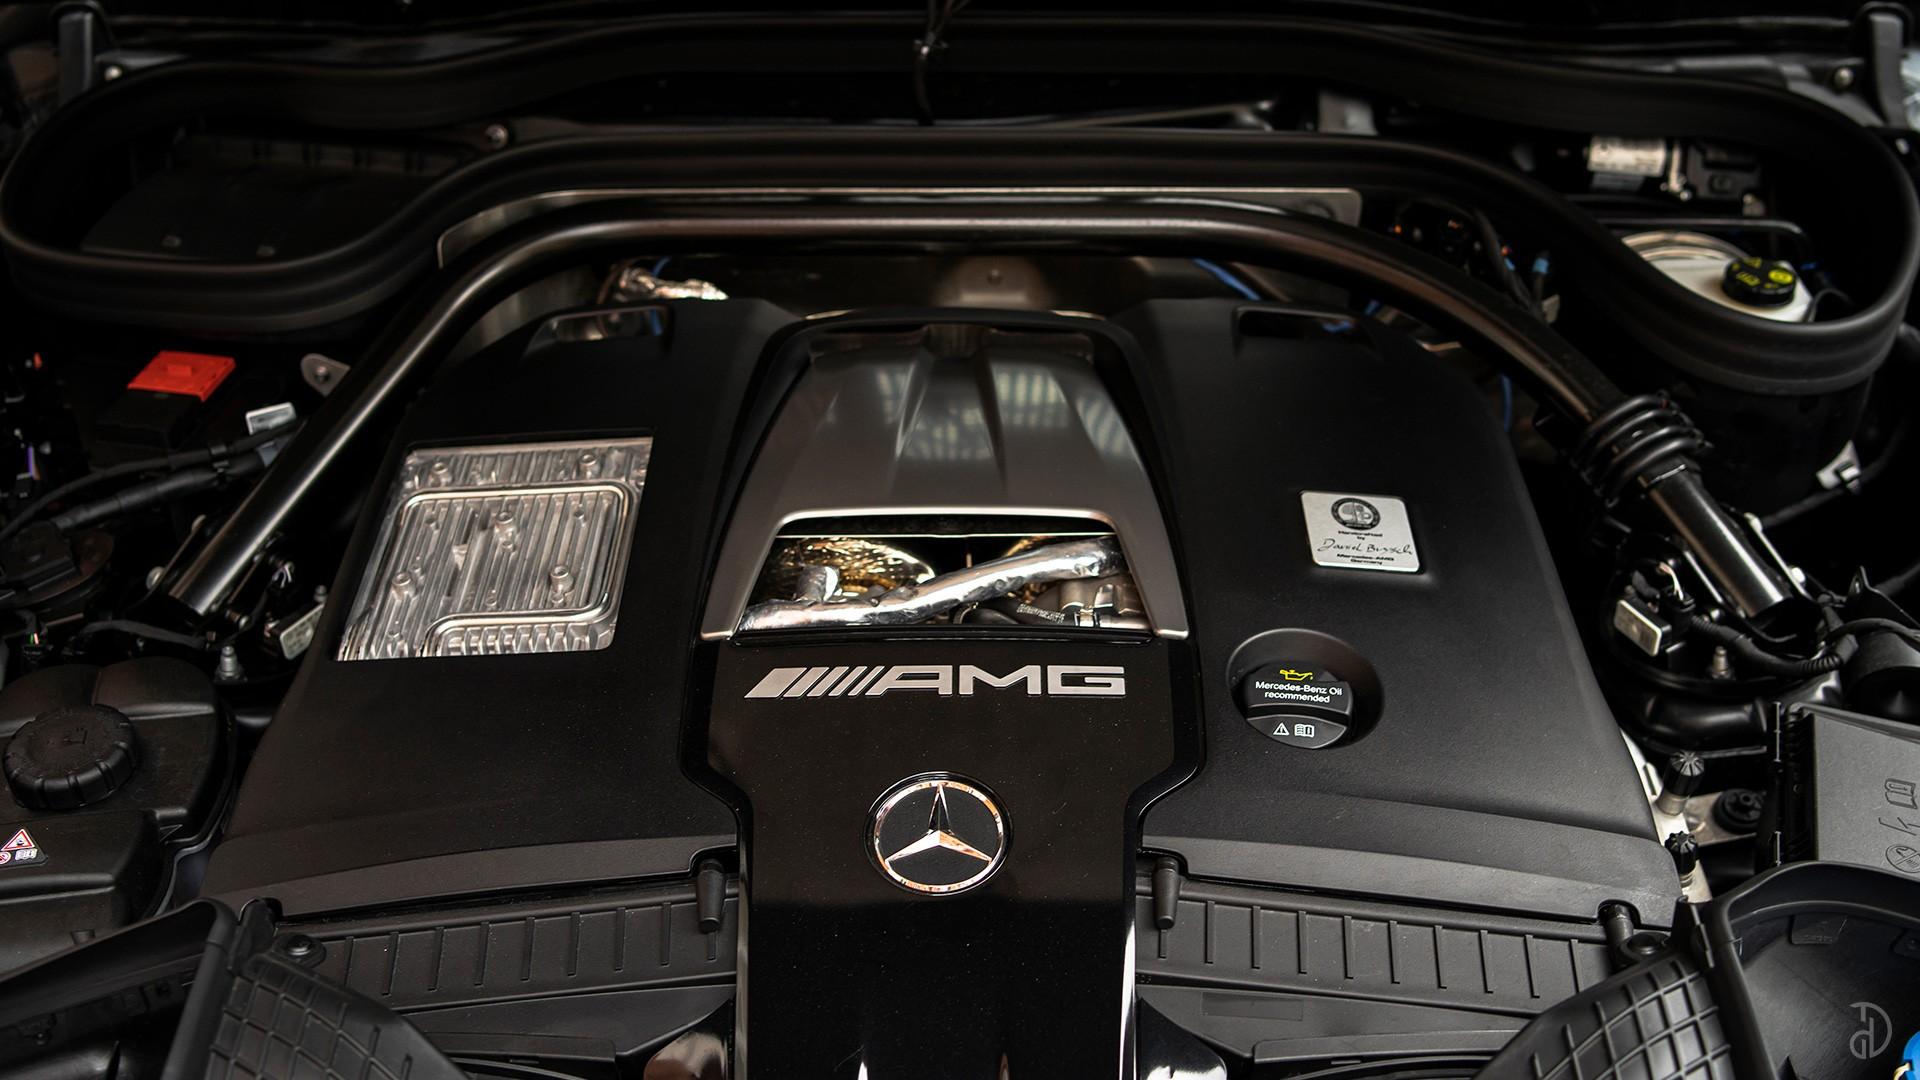 Mercedes G 63 AMG 2020 (Гелендваген). Фото 10